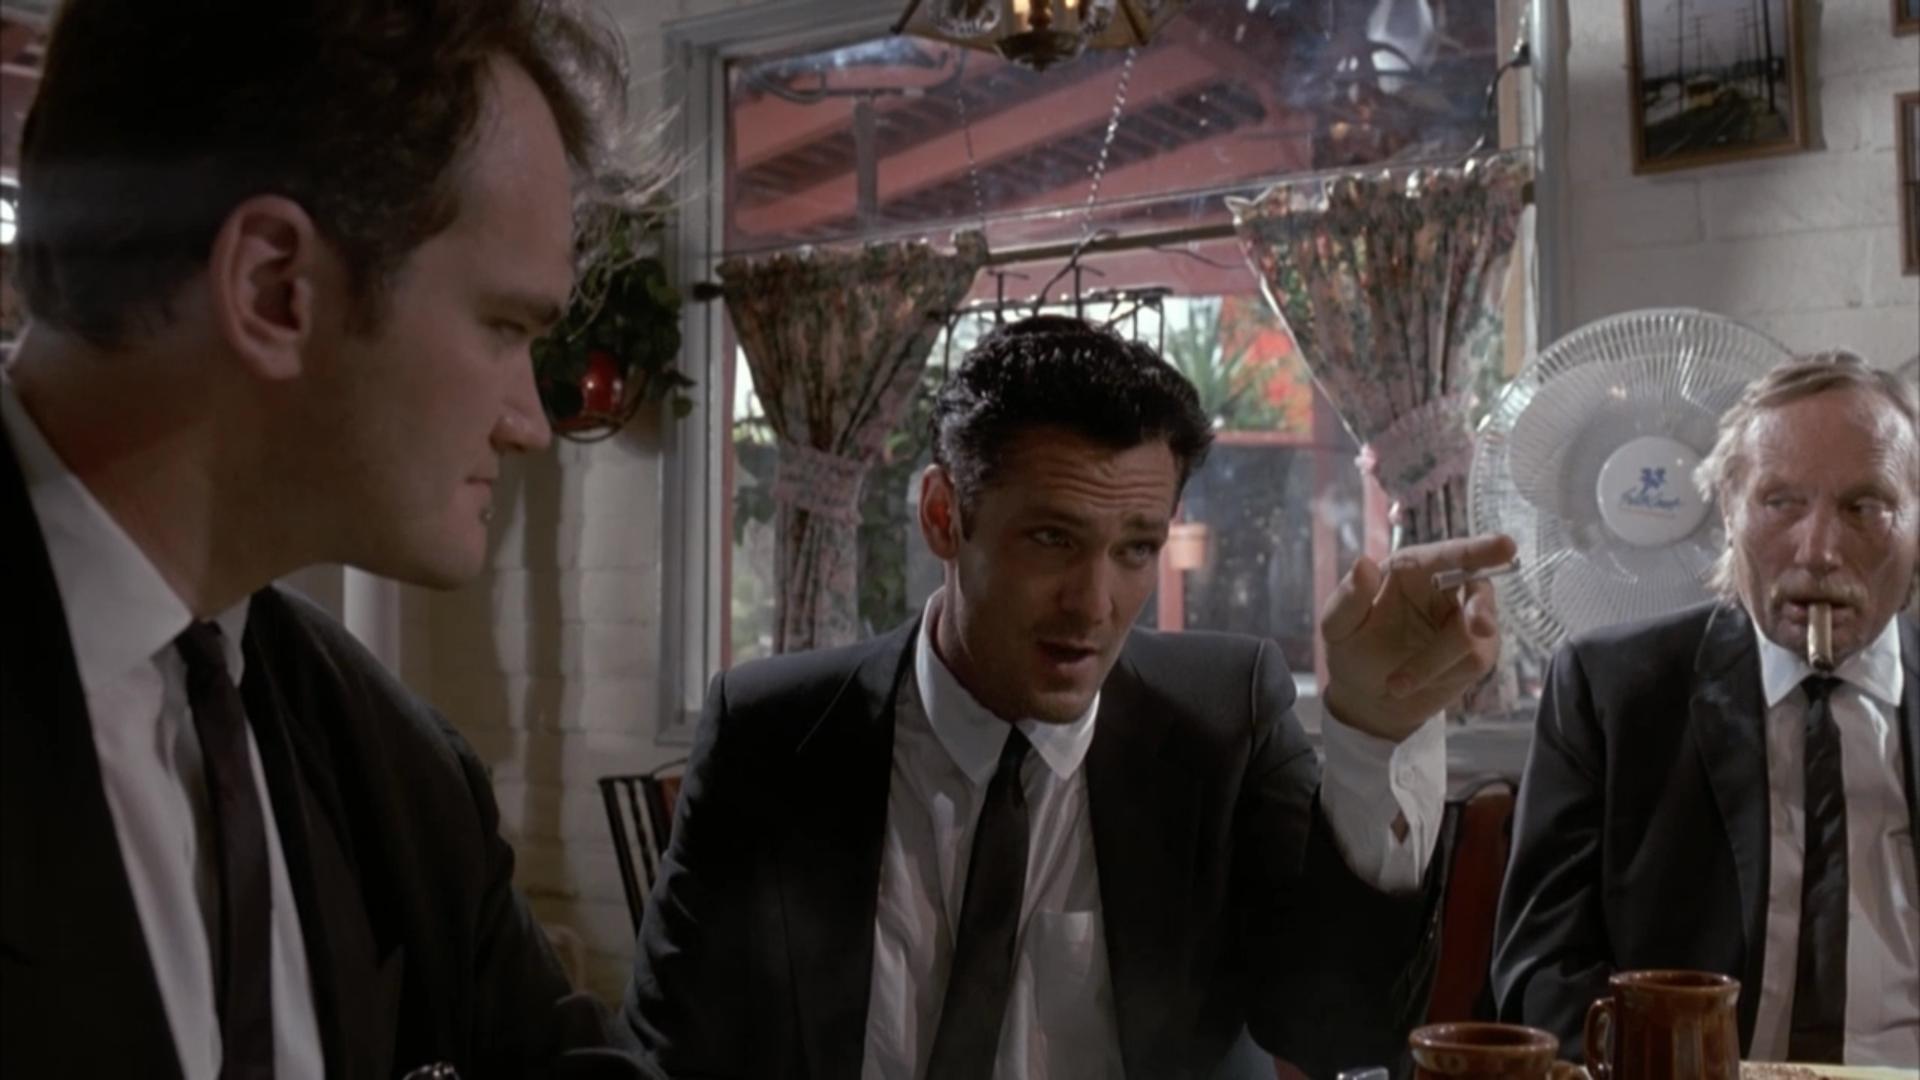 restaurant-reservoir-dogs-1992-01-g mr-brown-mr-blonde-and-mr-blue-at- …